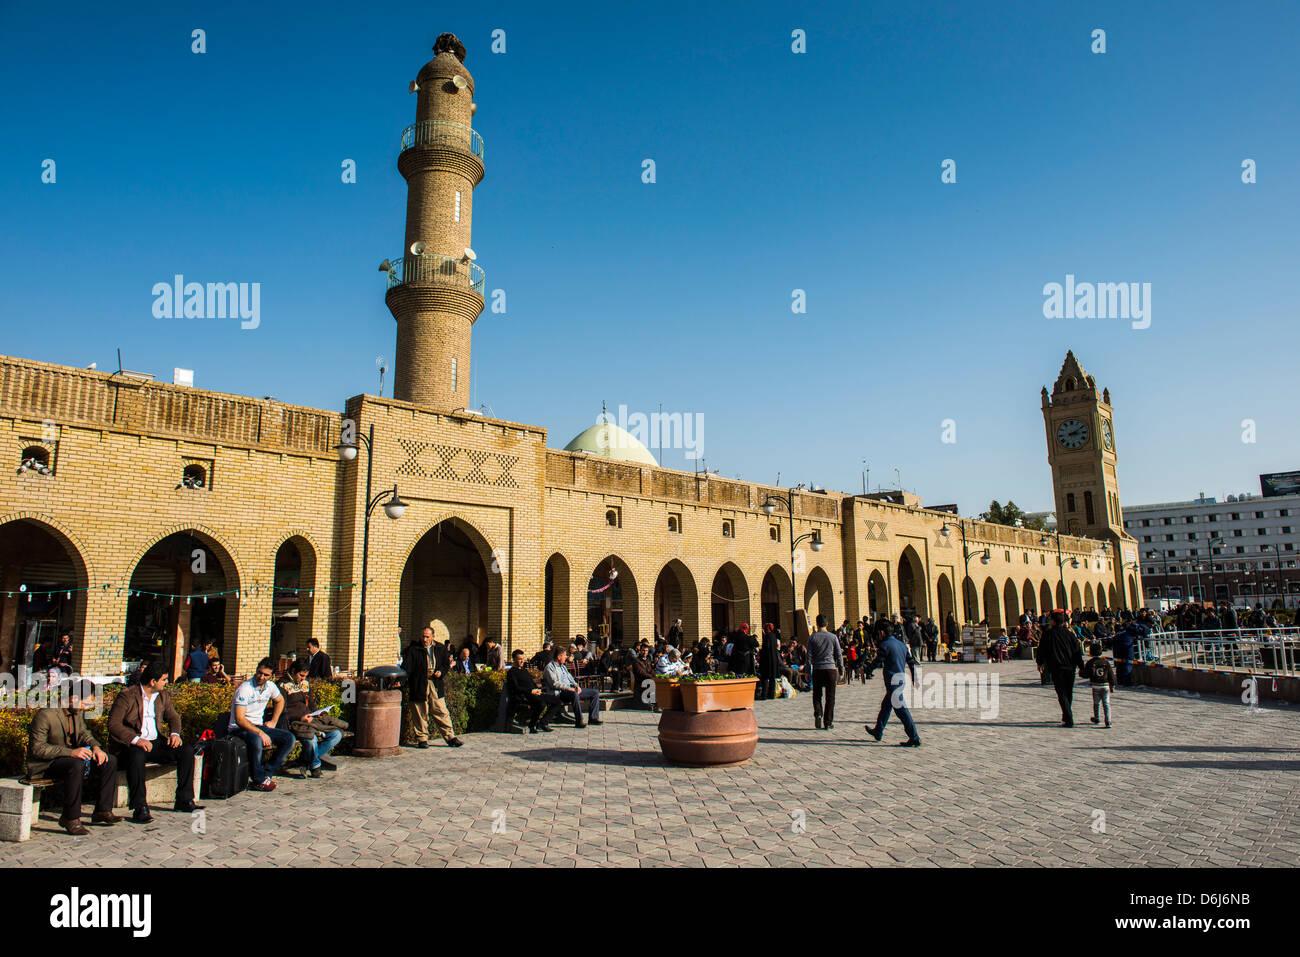 Enorme piazza con al di sotto della cittadella di Erbil (Hawler), capitale del Kurdistan iracheno, Iraq, Medio Oriente Immagini Stock